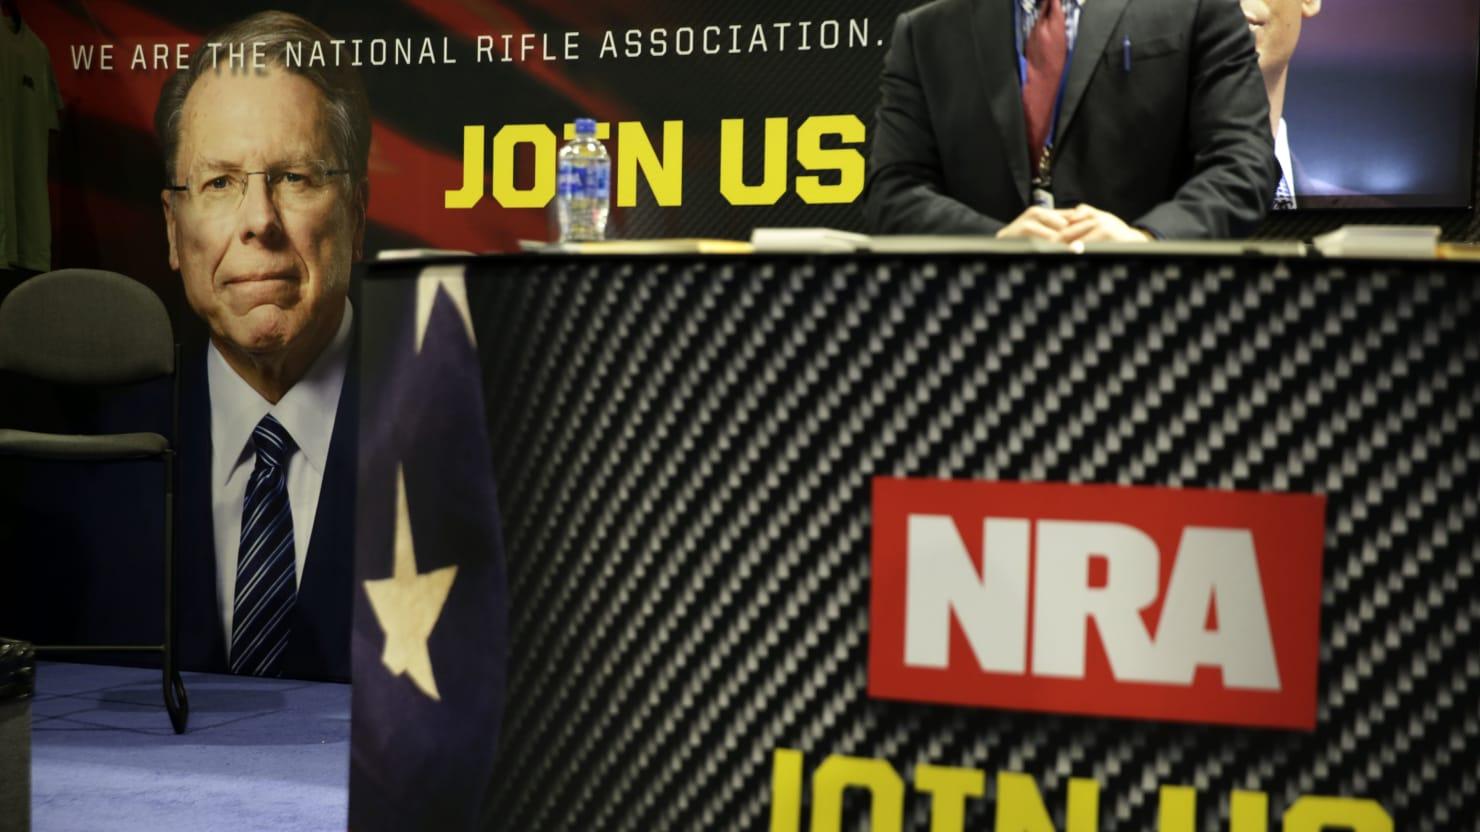 NRA Pulls the Plug on NRATV